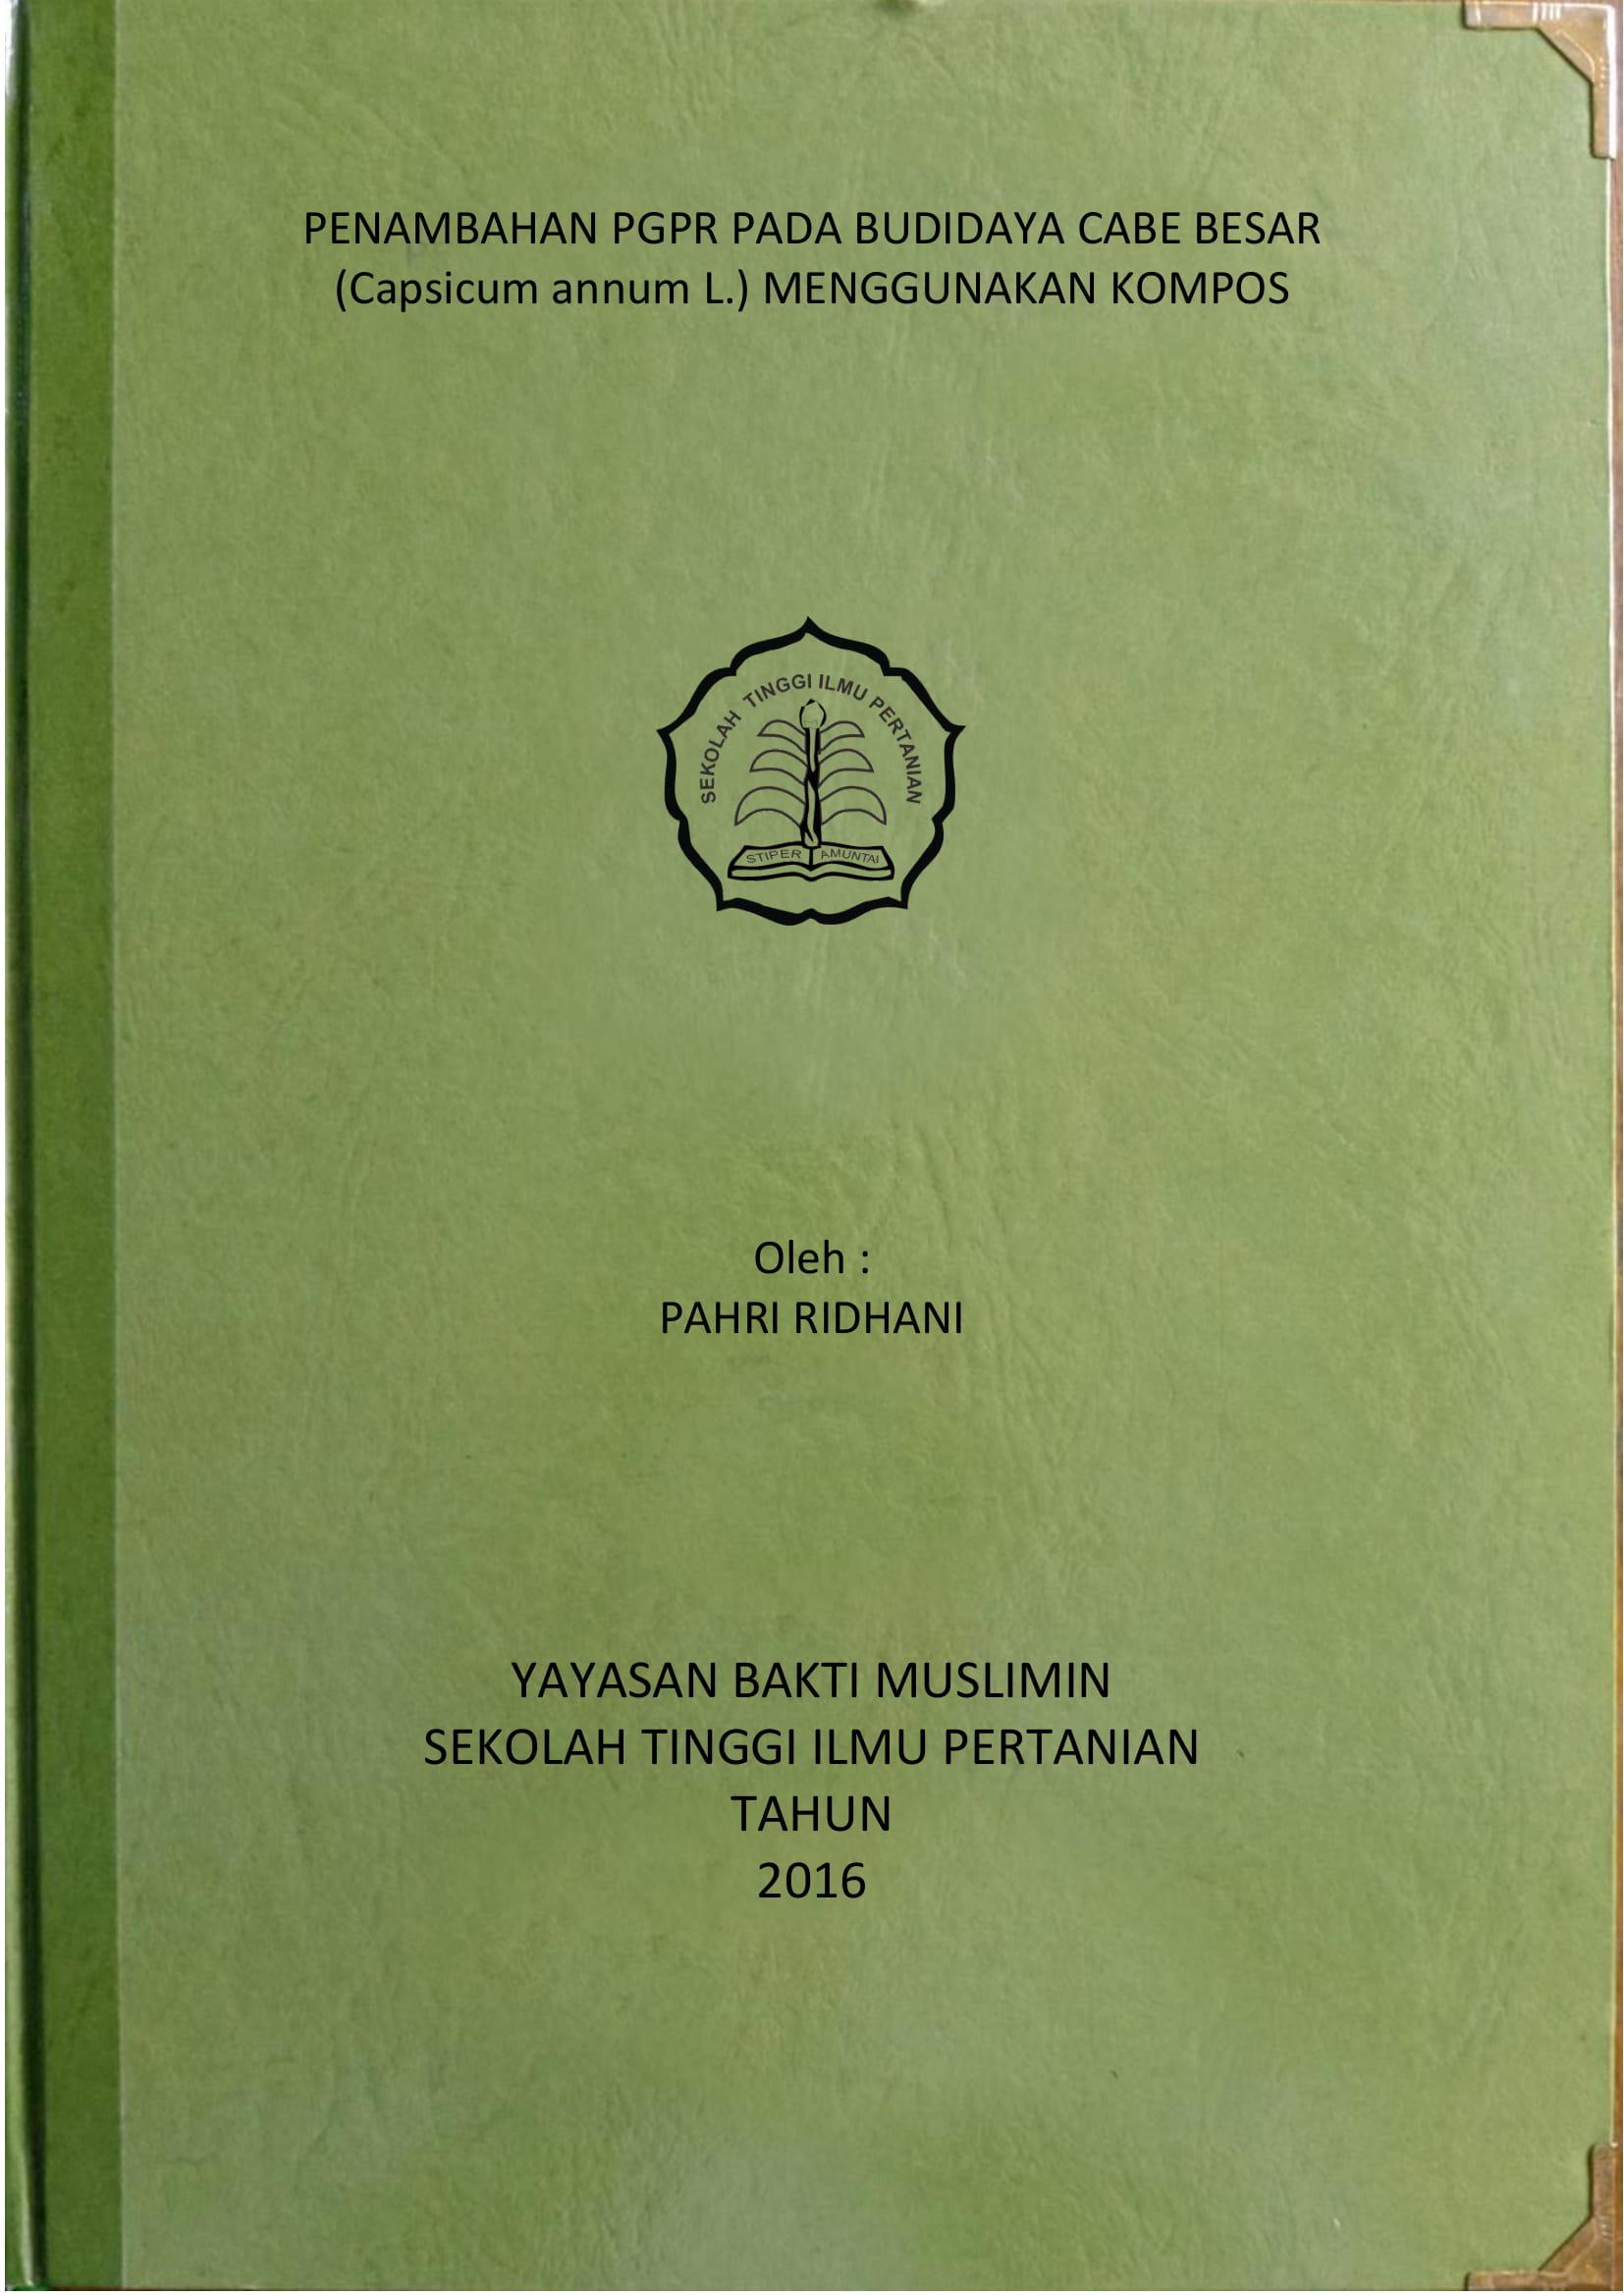 poto-01-54